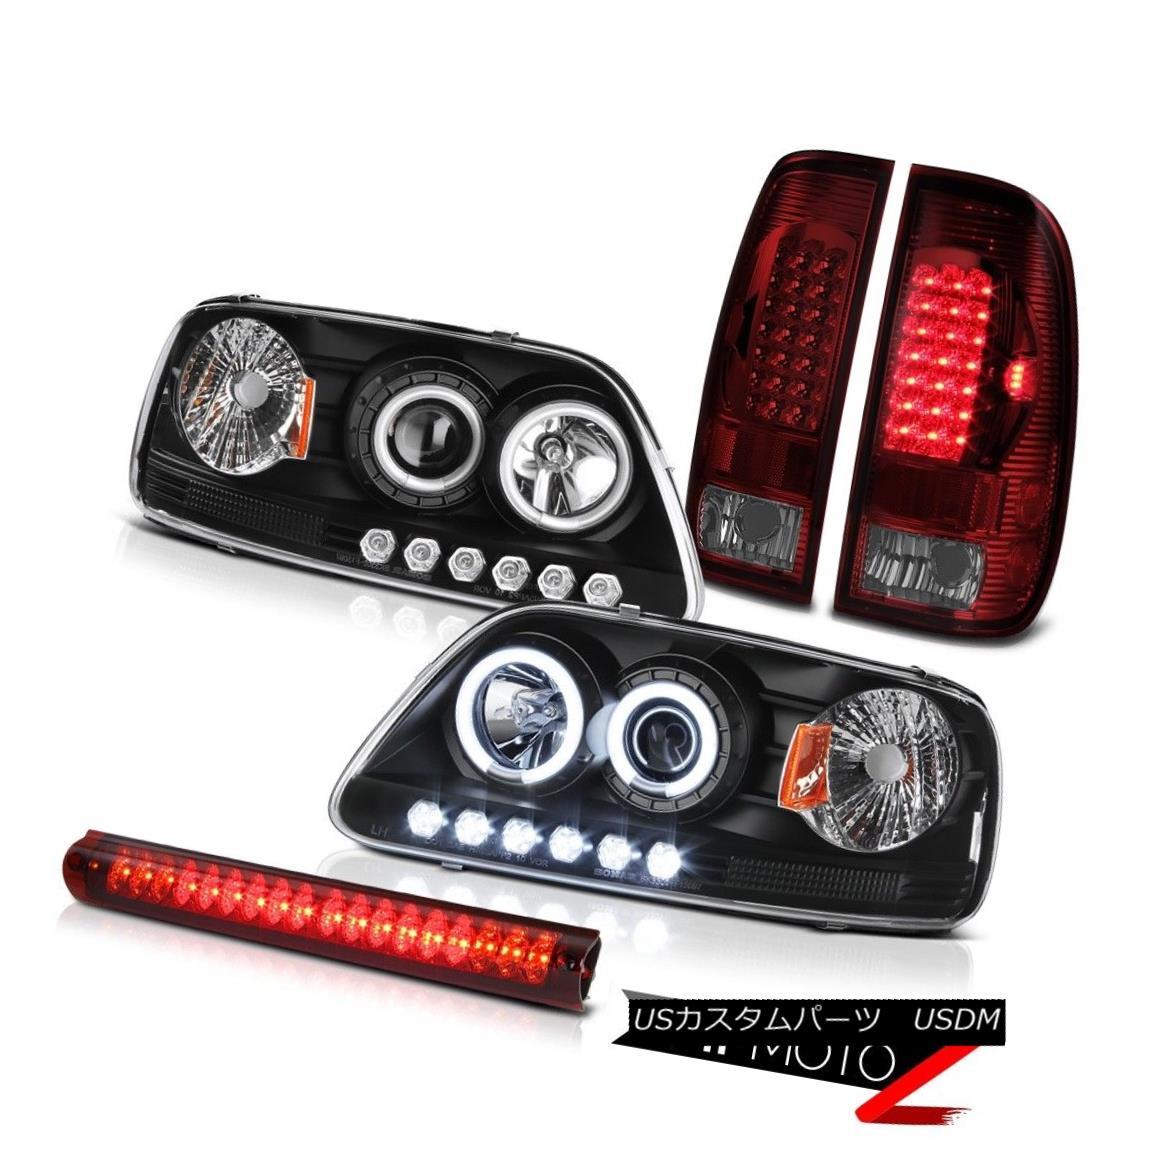 ヘッドライト 99 2000 2001 F150 XL Black CCFL Halo Headlight Cherry Red Taillamp High Stop LED 99 2000 2001 F150 XLブラックCCFLハローヘッドライトチェリーレッドタイルランプハイストップLED